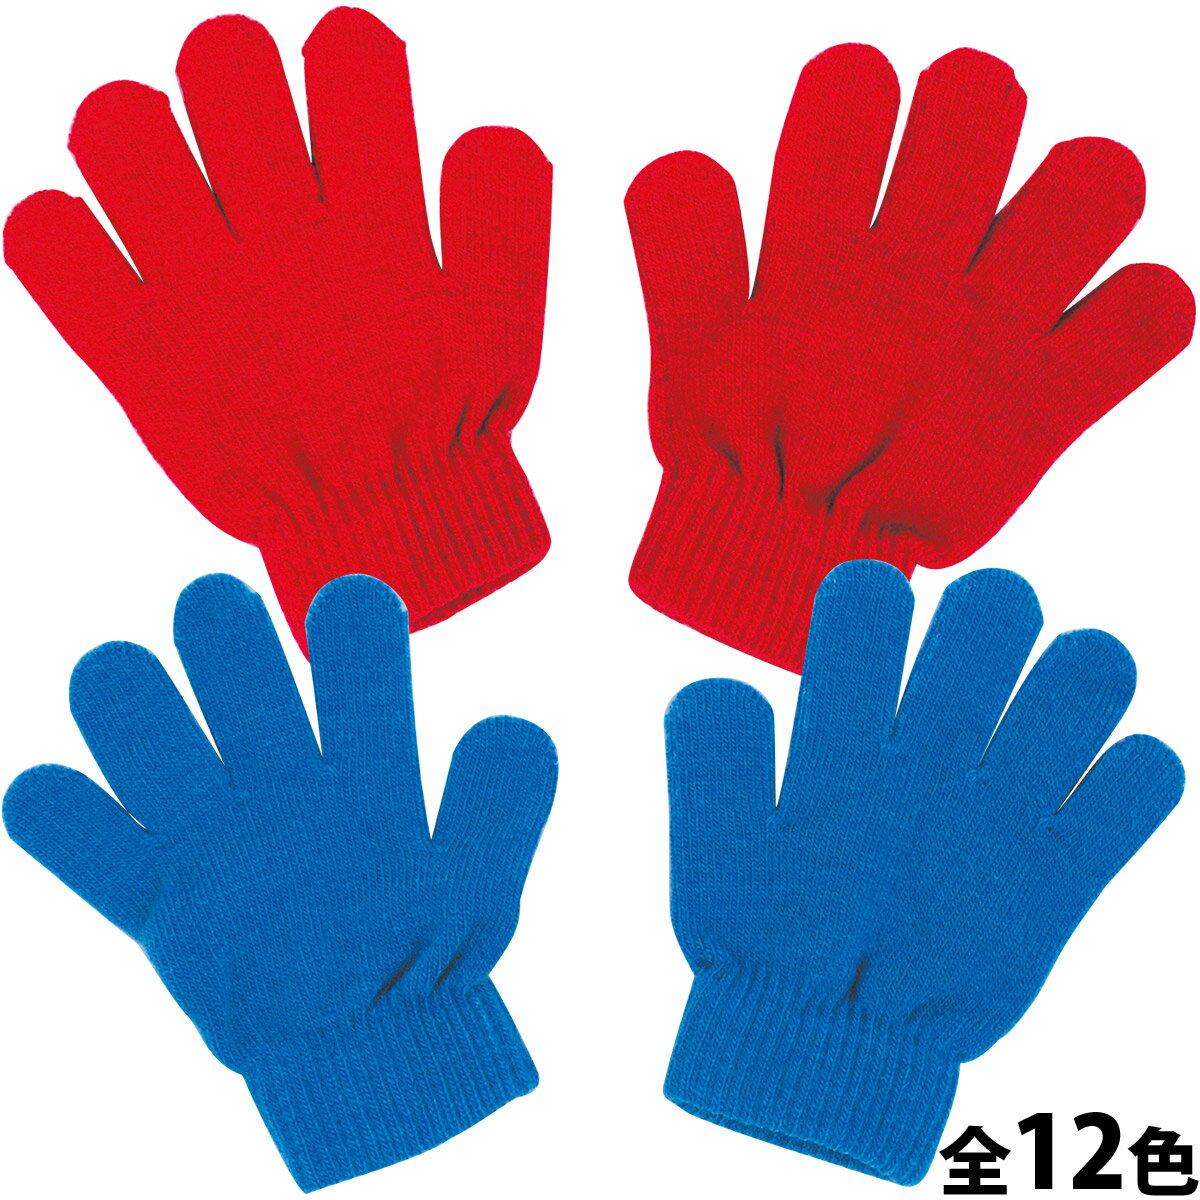 手袋 子供用 カラー のびのび 手袋 キッズ用 グローブ 運動会 体育祭 学芸会 応援グッ…...:loupe-studio:10412782